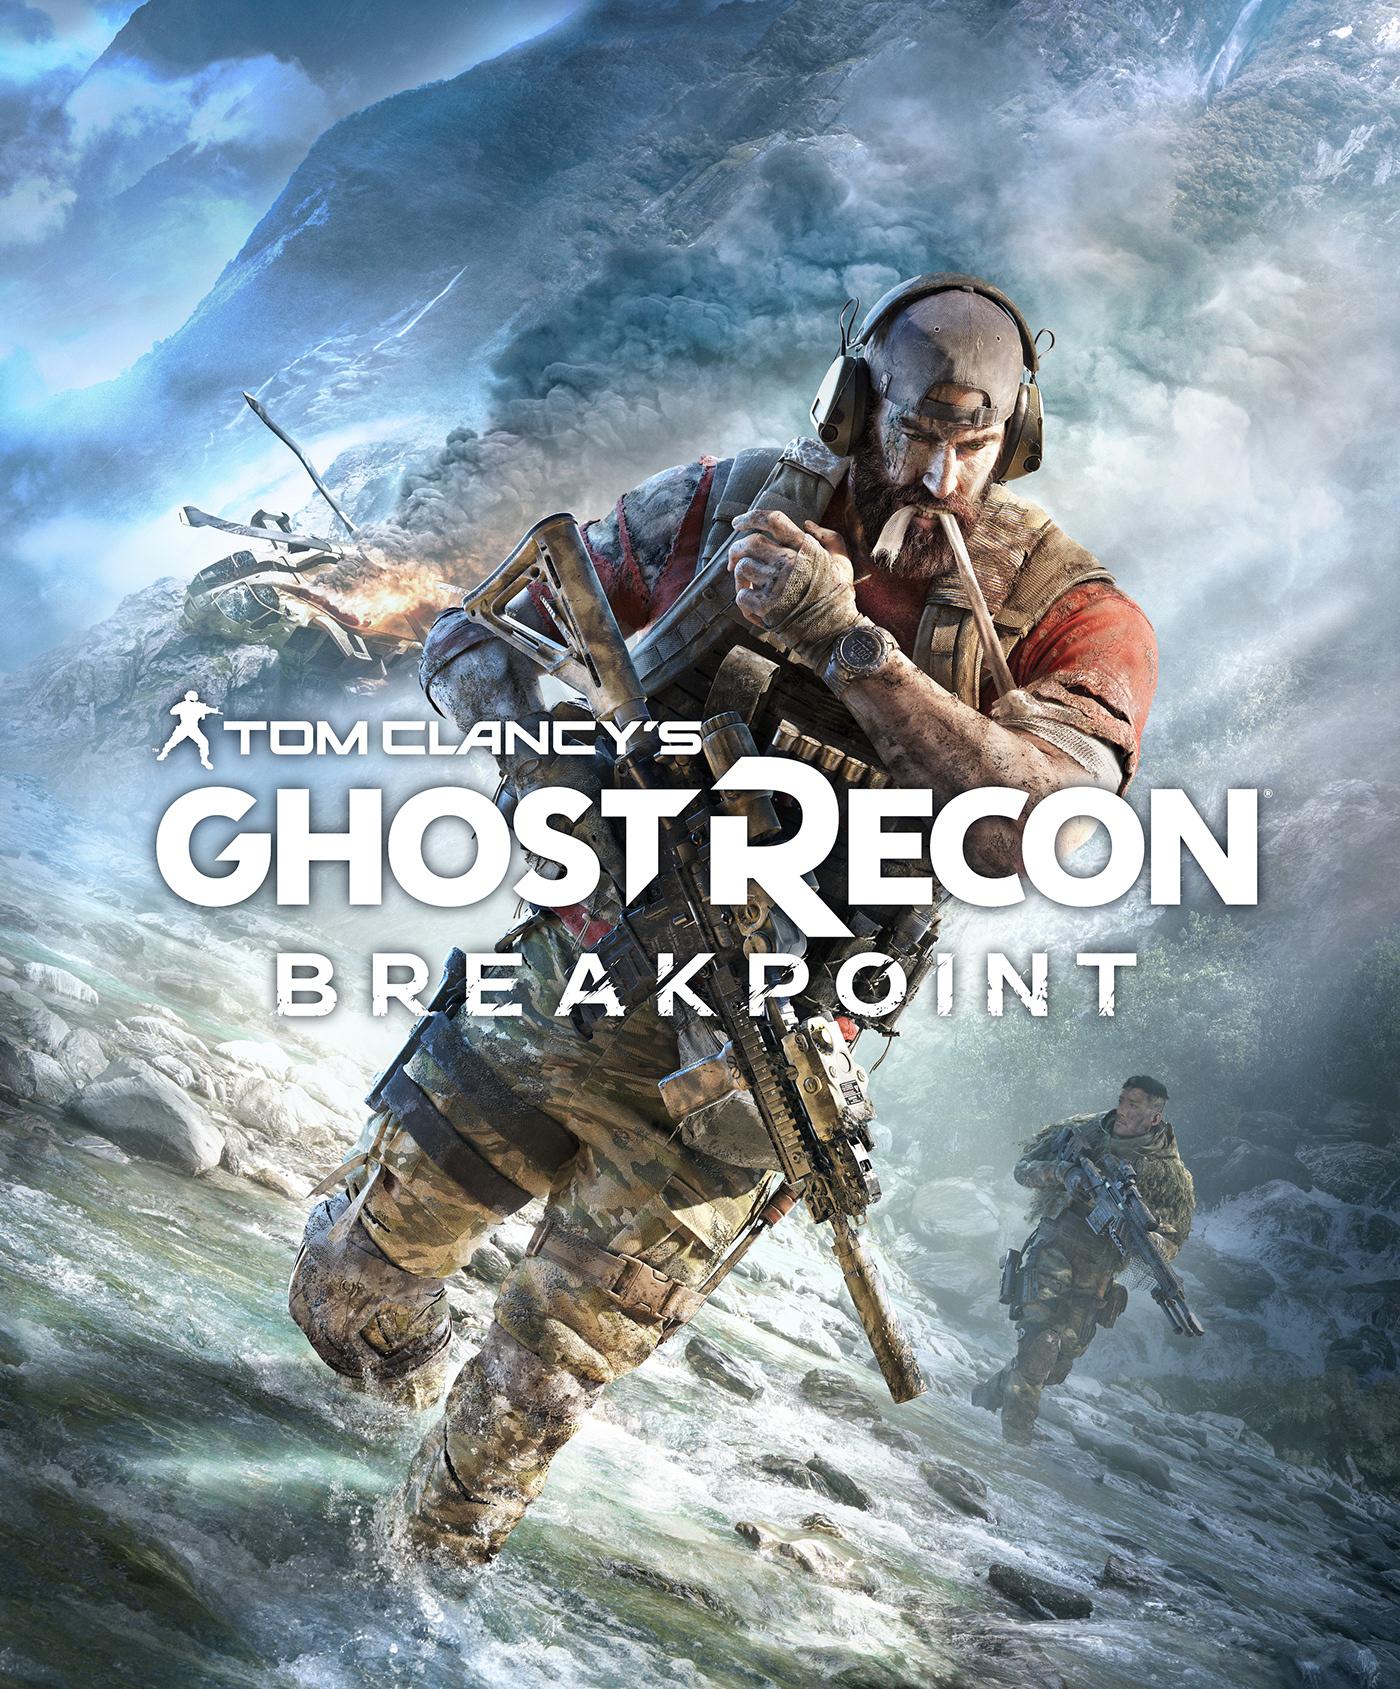 بروزرسانی بازی Ghost Recon Breakpoint تا ژانویه به تعویق افتاده است